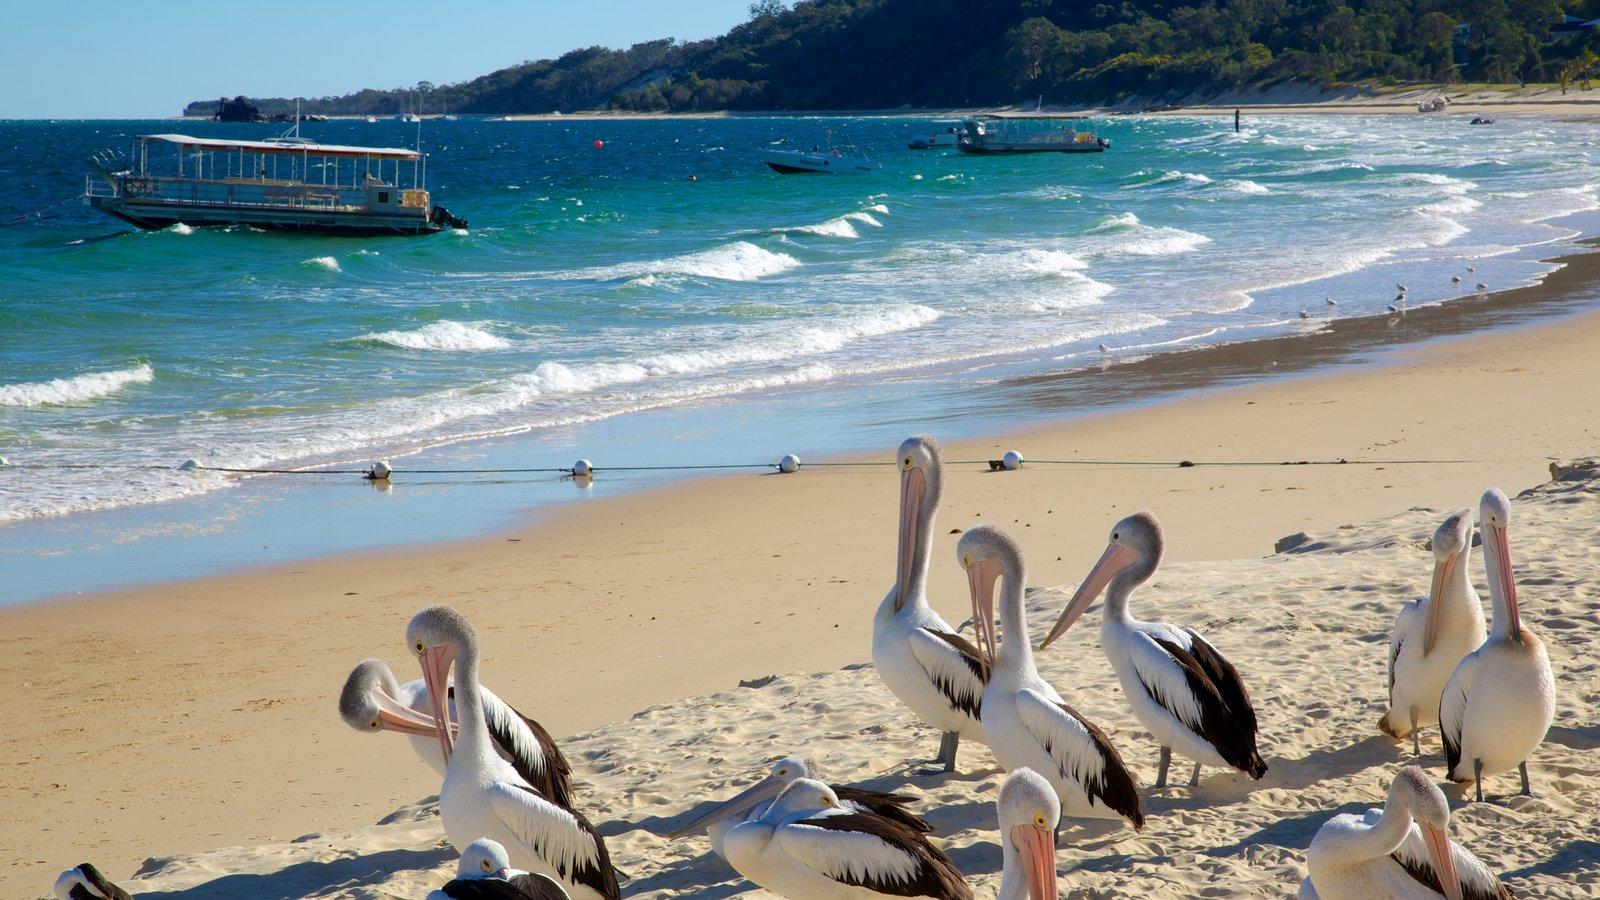 Parque nacional de Isla Moreton que incluye una playa de arena y vida de las aves